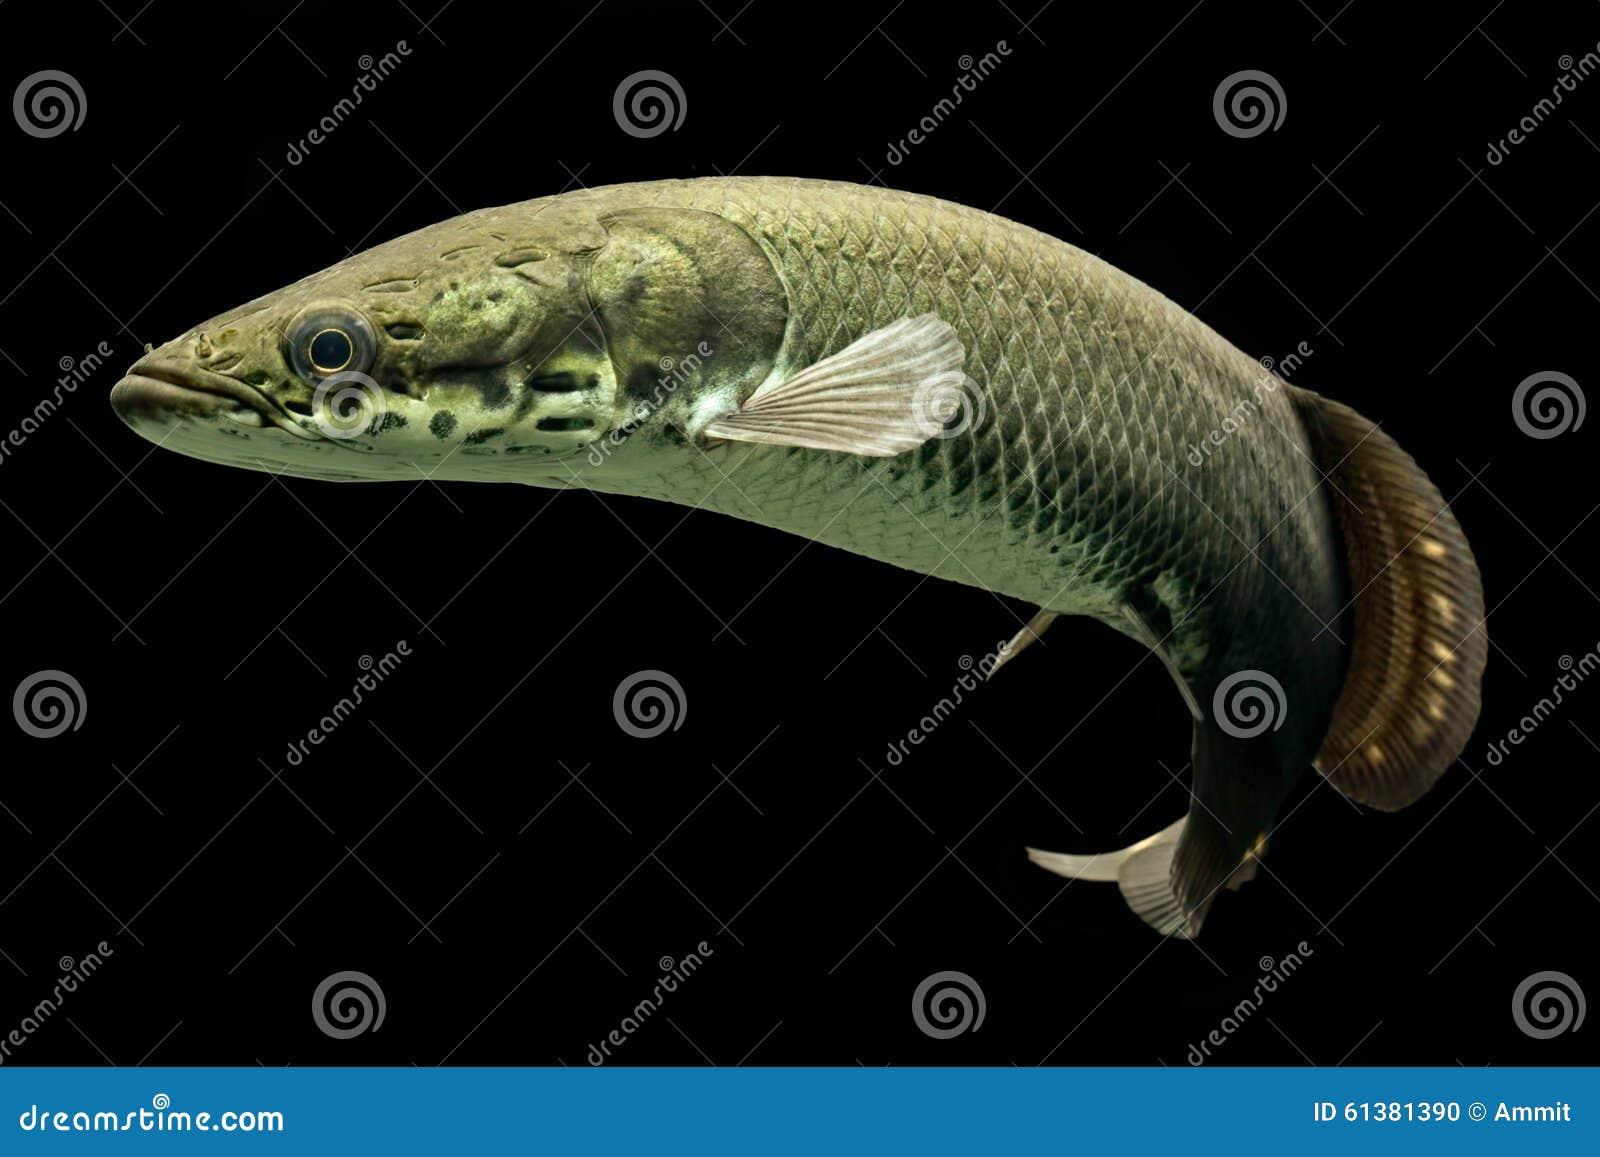 Freshwater juvenile fish - Arapaima One Of The Biggest Freshwater Fish